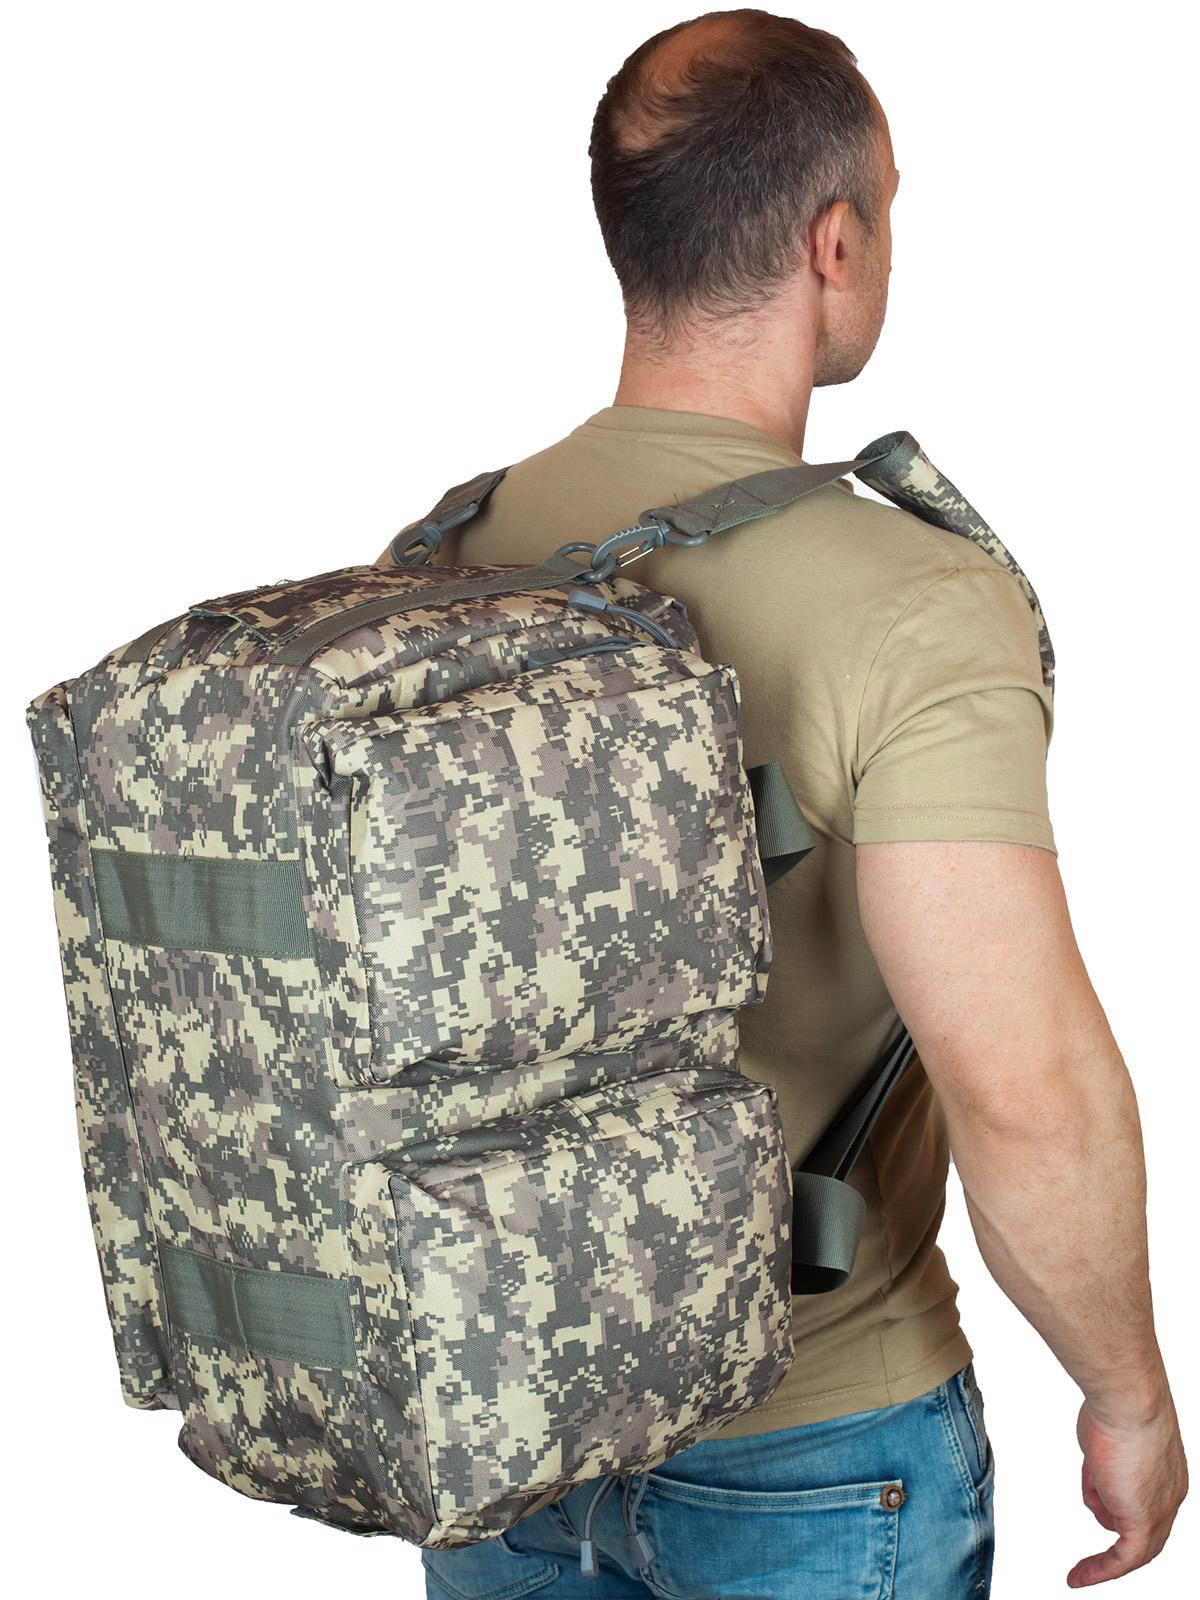 Купить камуфляжную дорожную сумку с нашивкой ВМФ оптом или в розницу выгодно